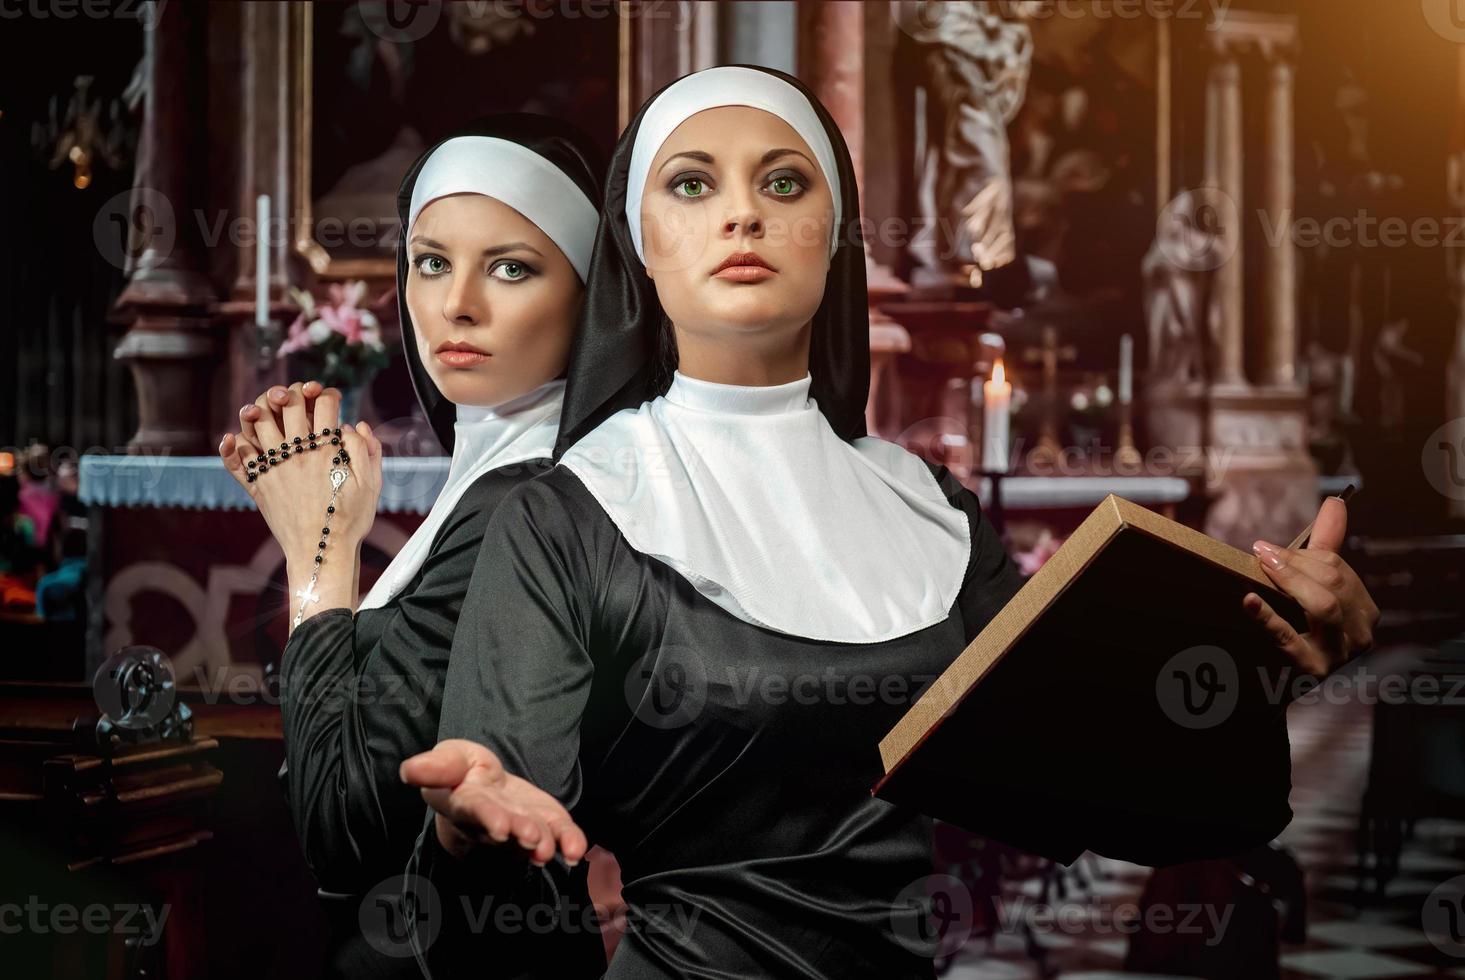 religieuses photo